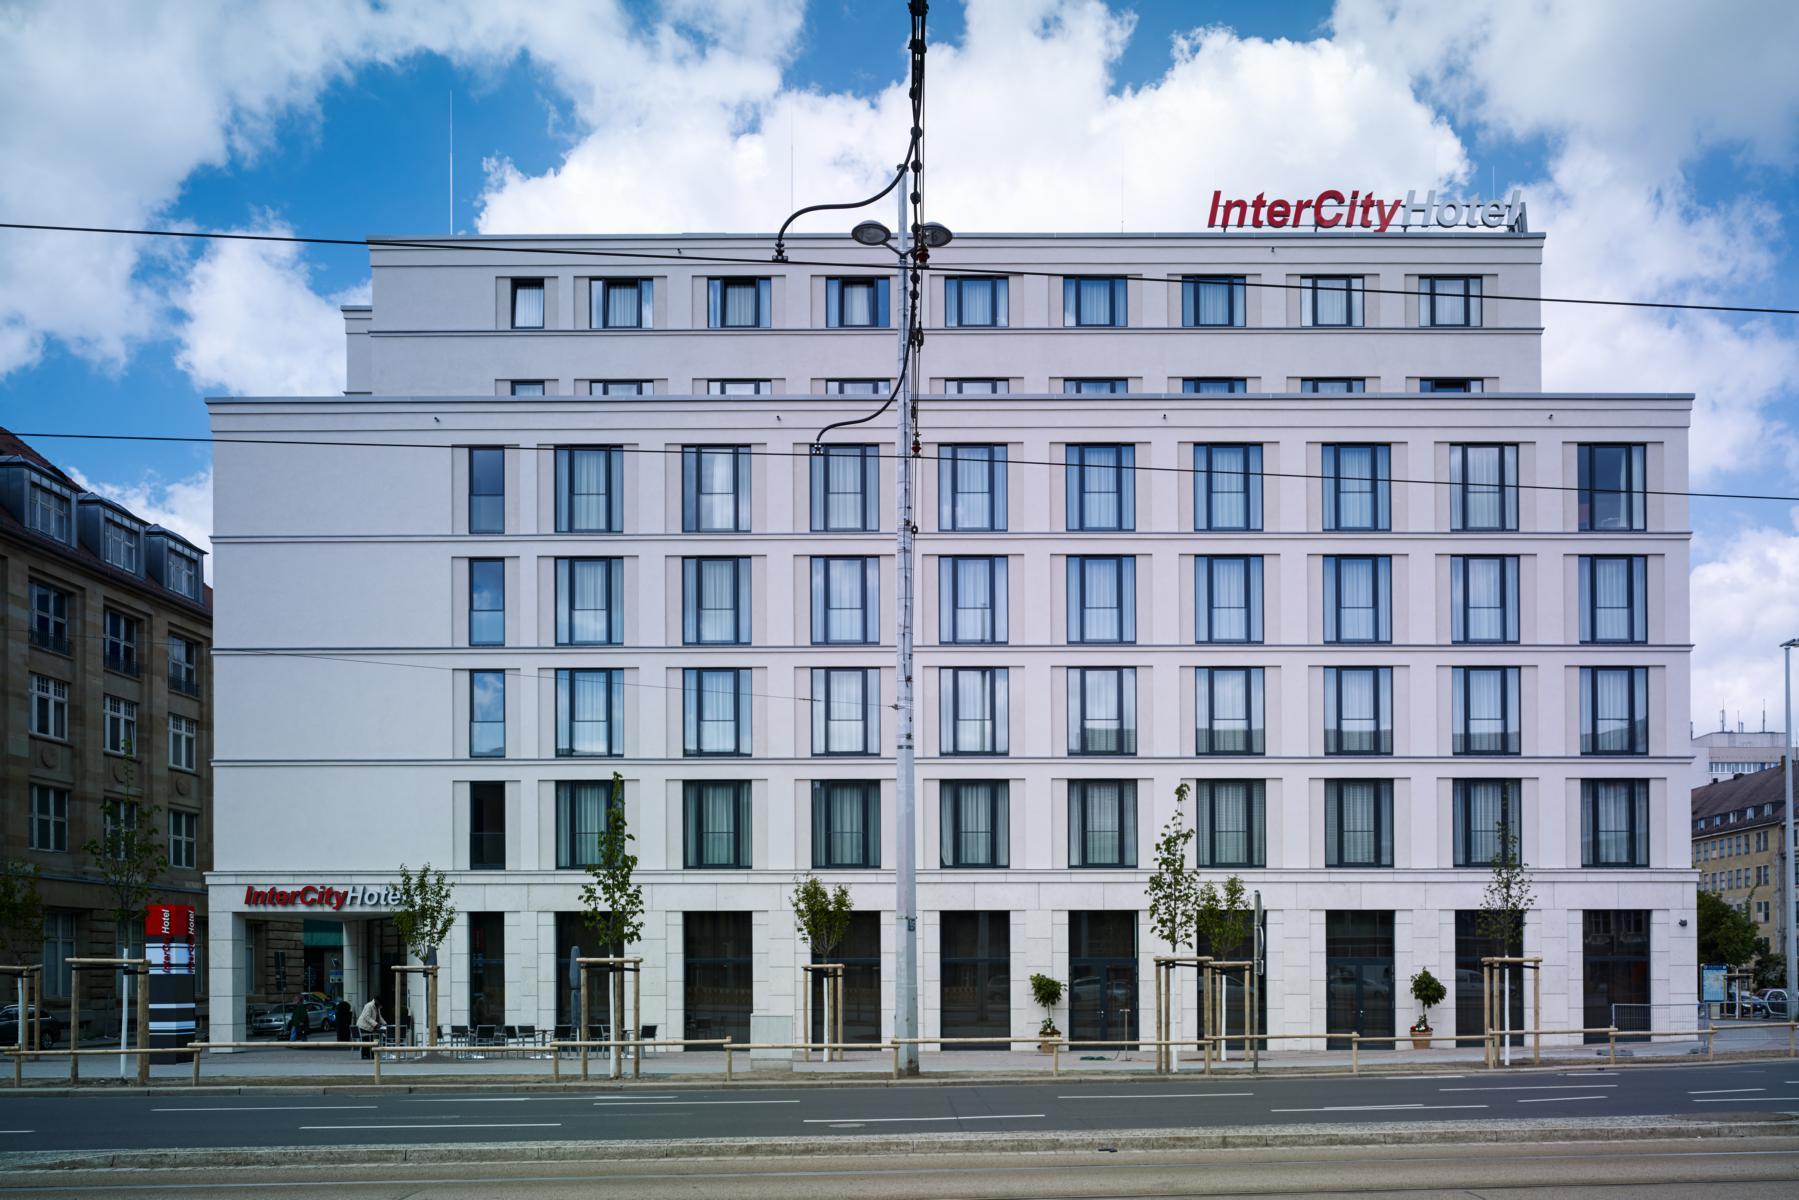 IC Hotel Leipzig